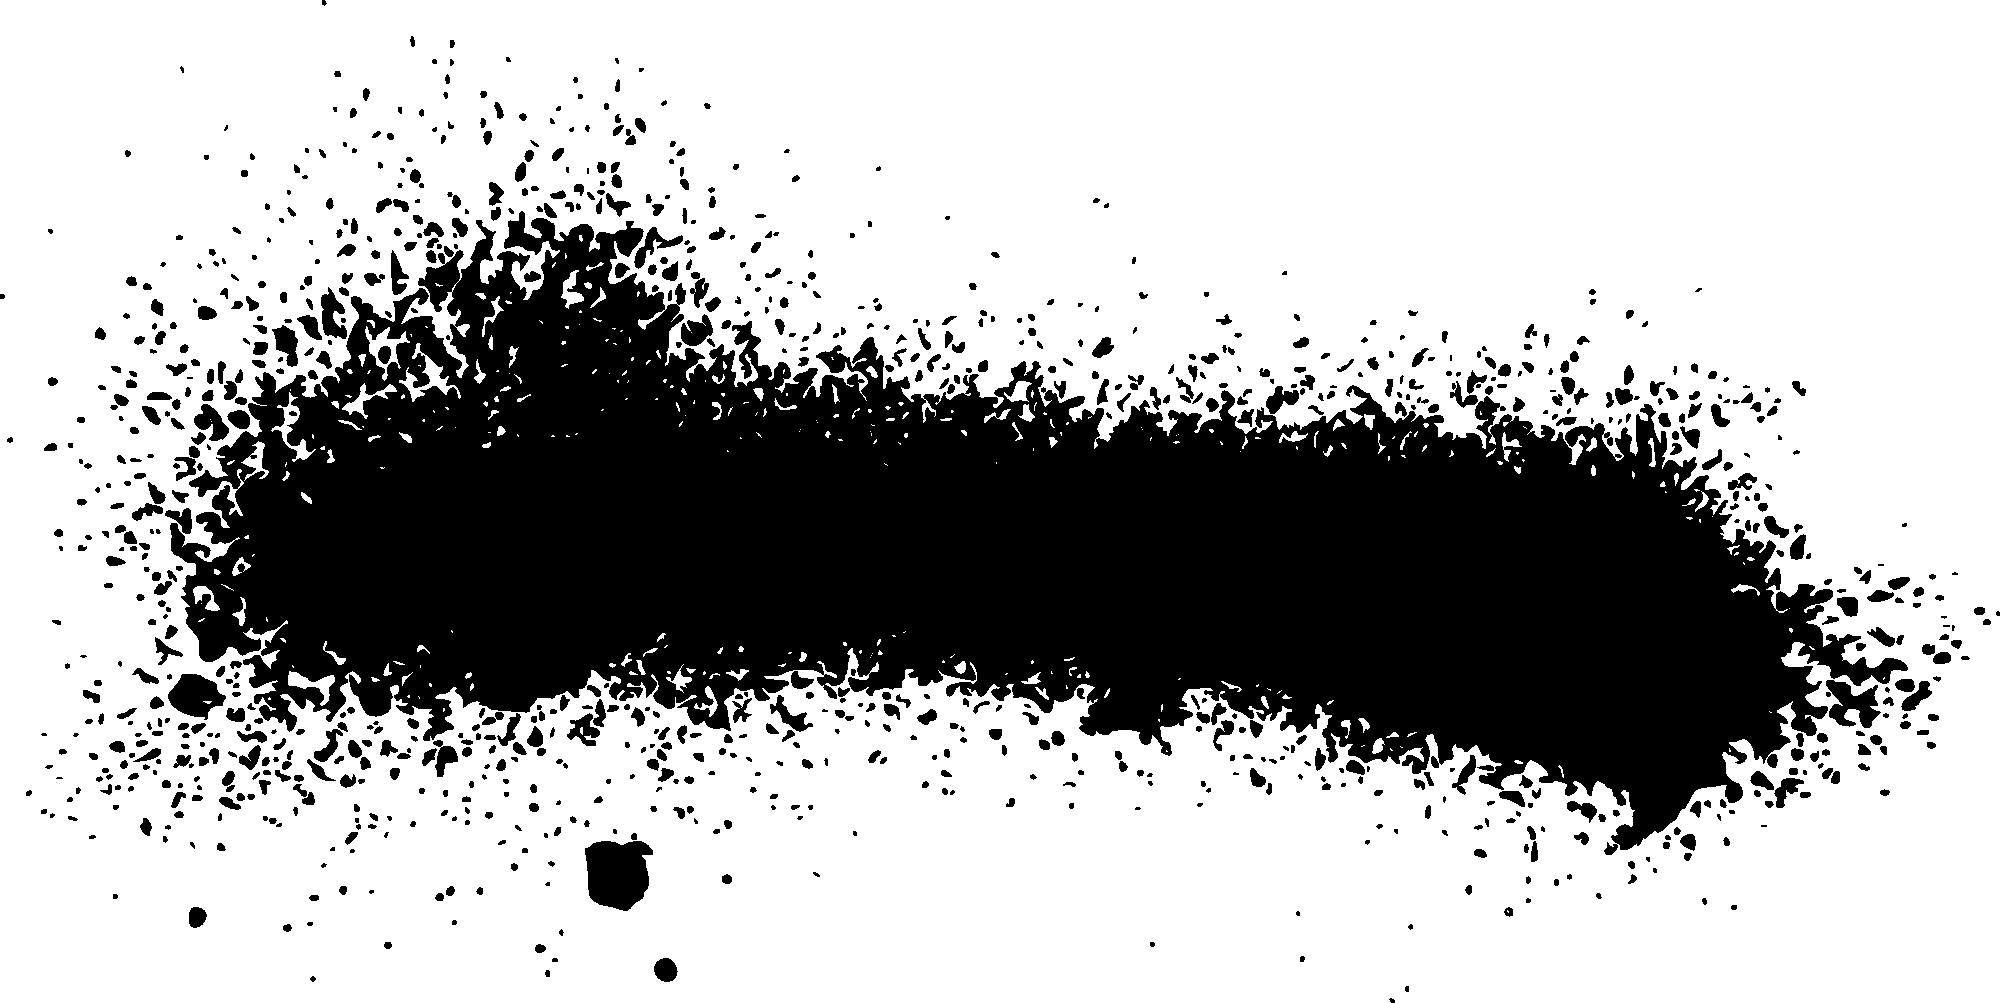 26 Grunge Spray Paint Stroke Banner (PNG Transparent, SVG).